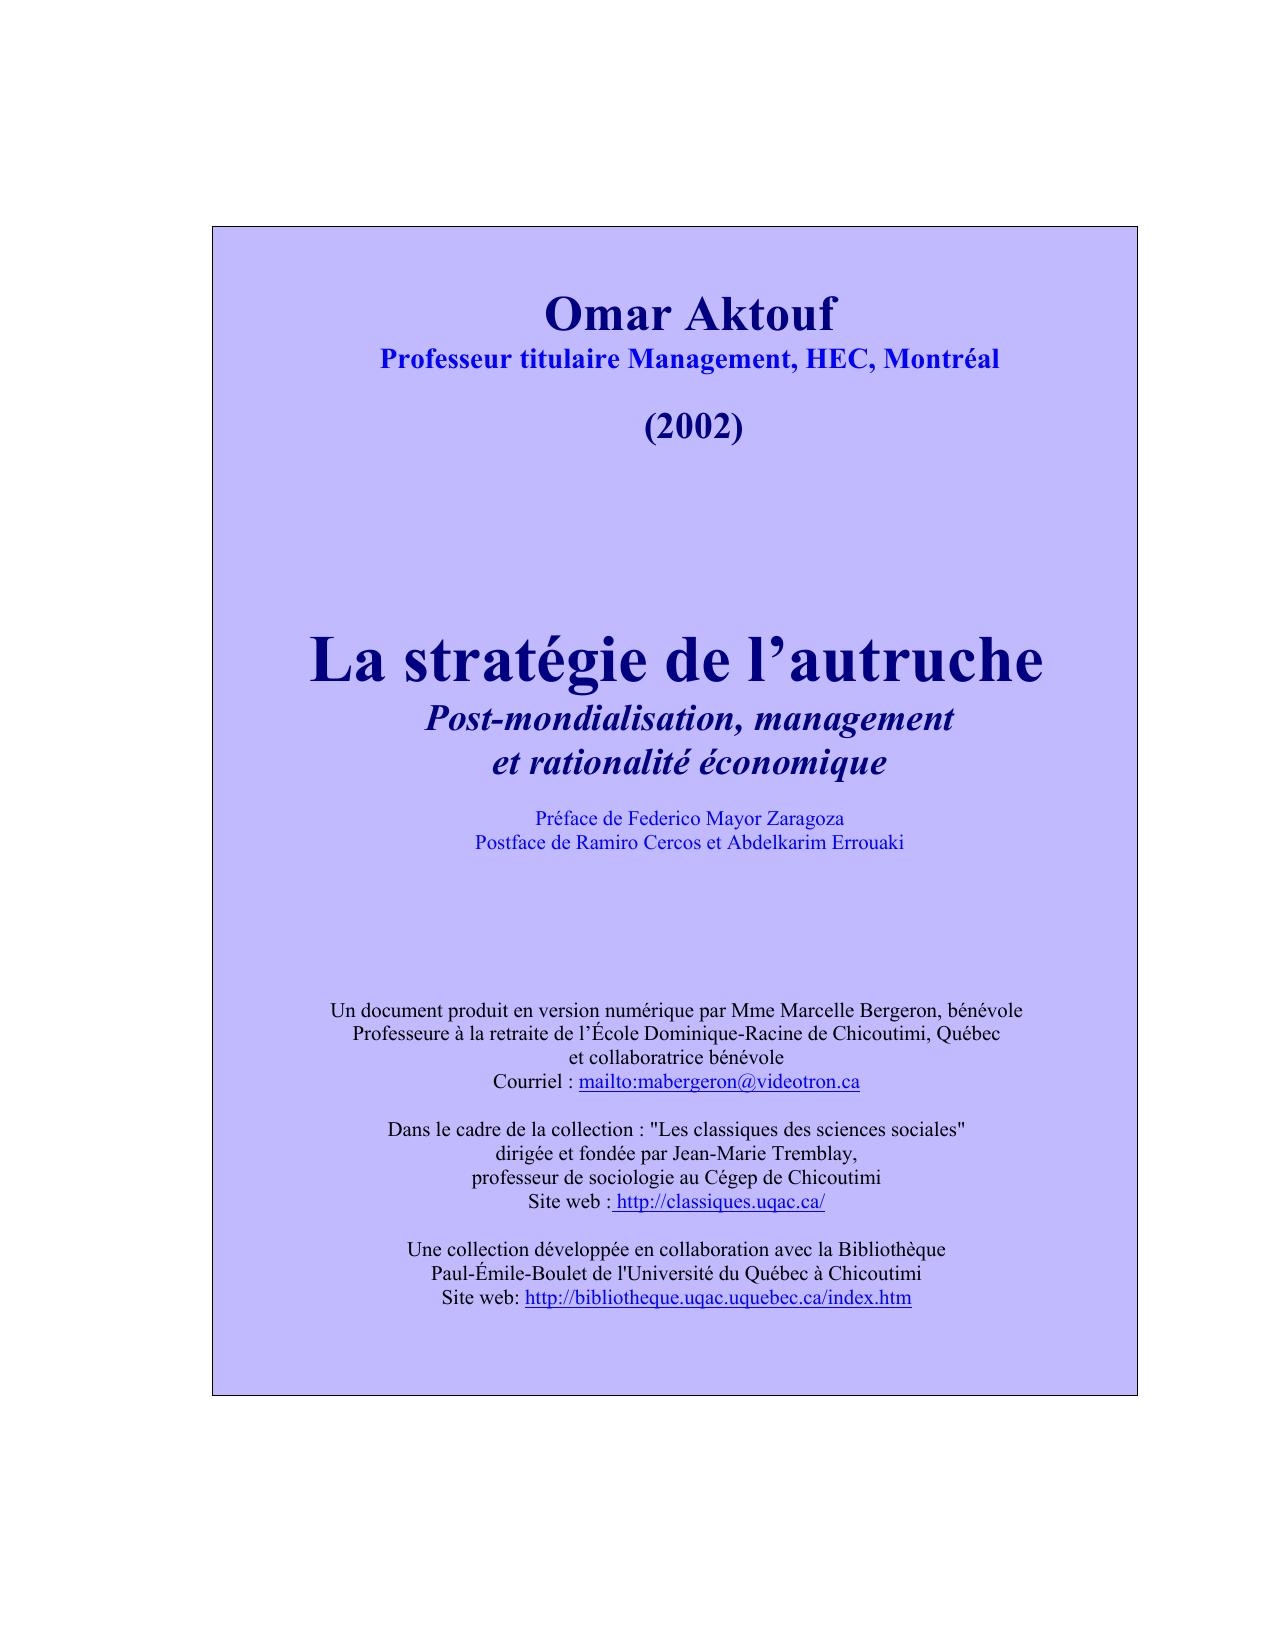 La De Stratégie Stratégie Mondialisation La L`autruchePost De Mondialisation L`autruchePost La v08ONwmn